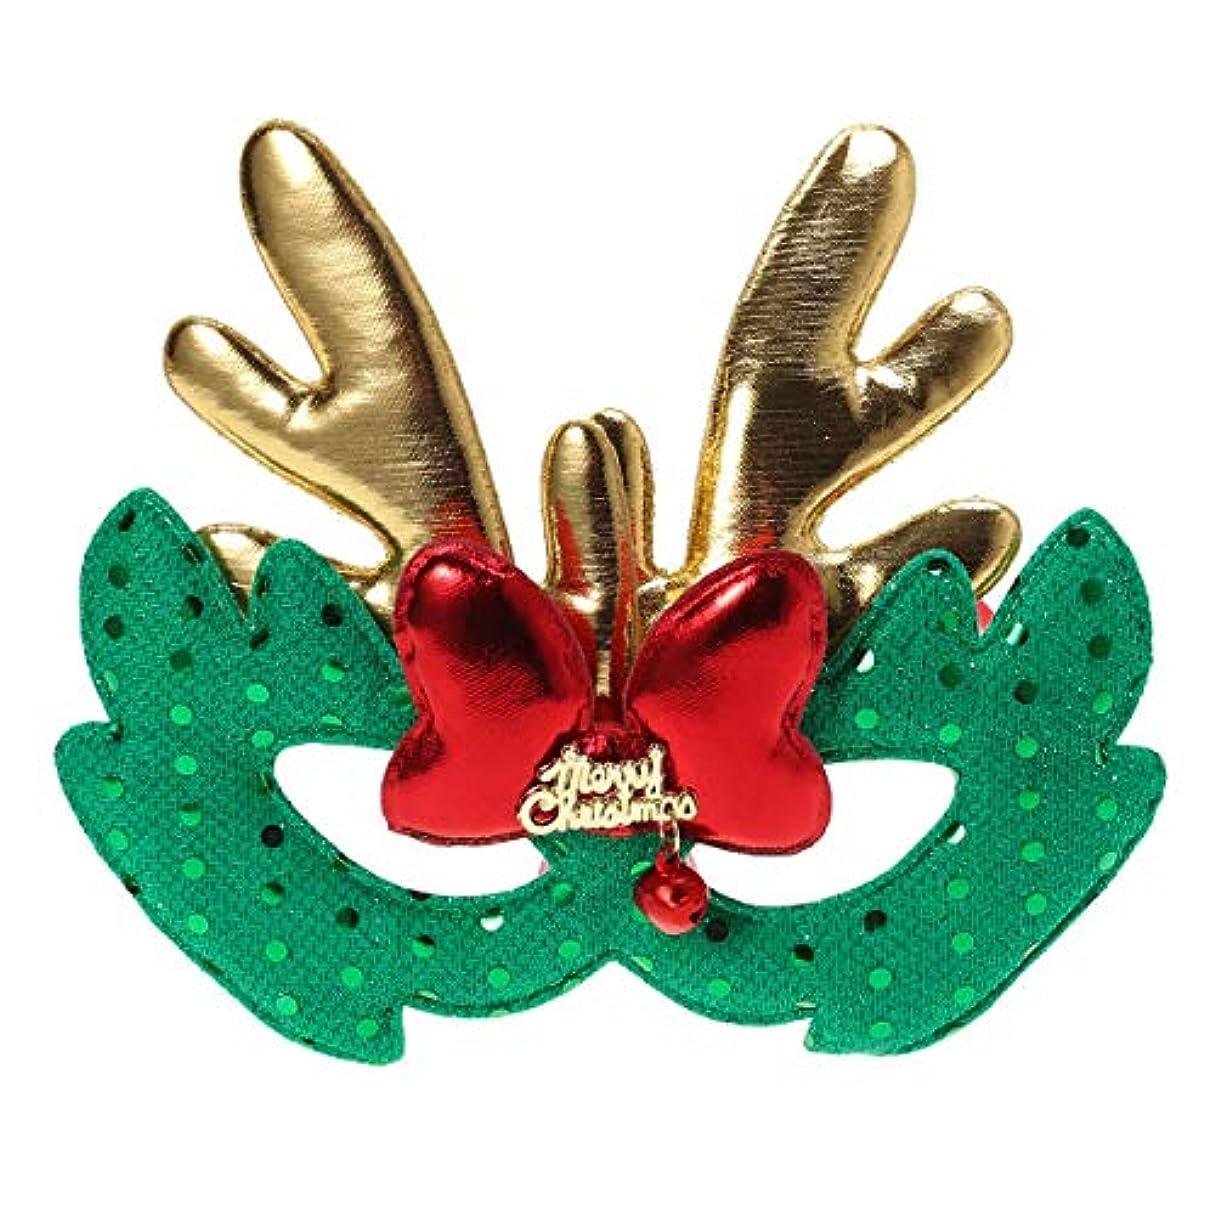 セットする単独で原理BESTOYARD エルククリスマスコスチュームマスク布マスク子供大人コスプレクリスマスパーティーグリーン